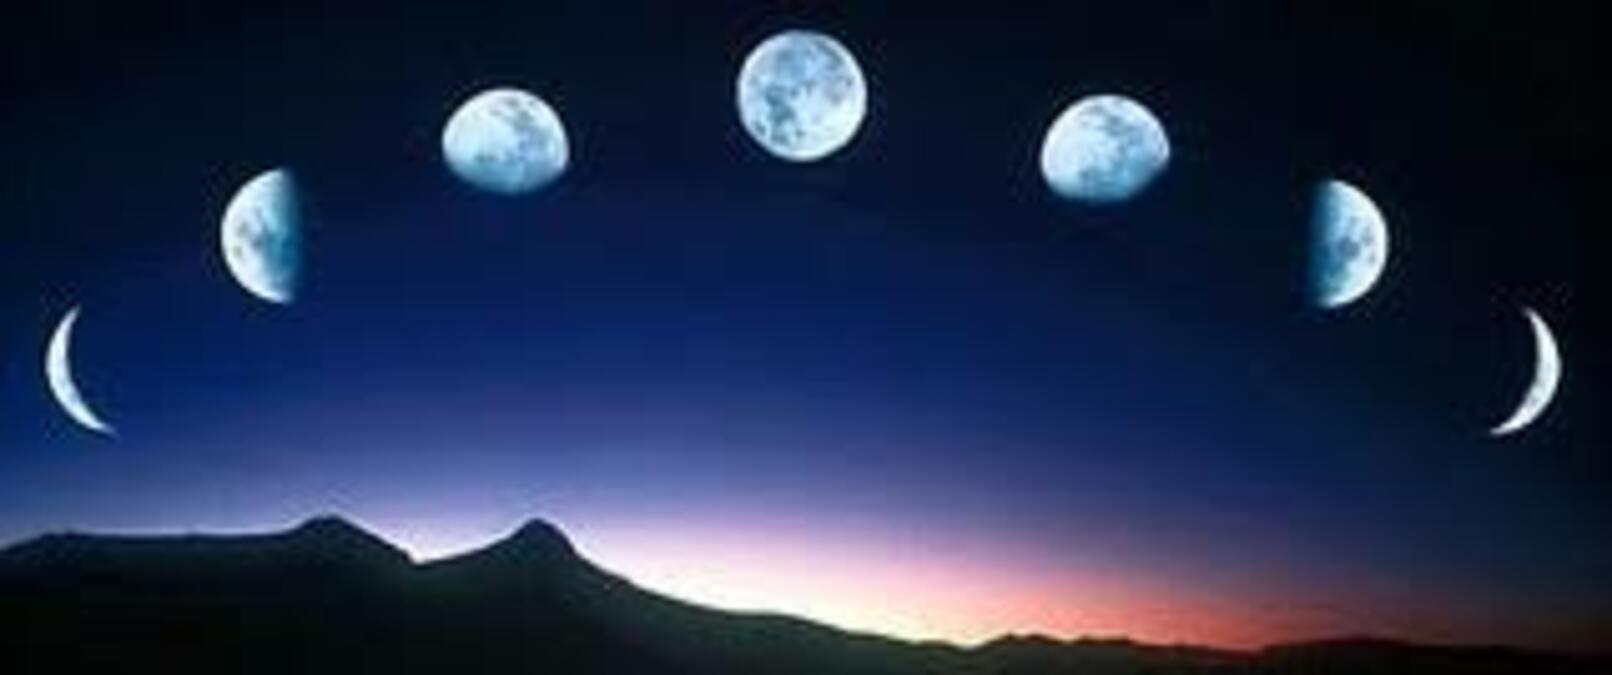 ciclos de la luna vacía de curso o fuera de curso